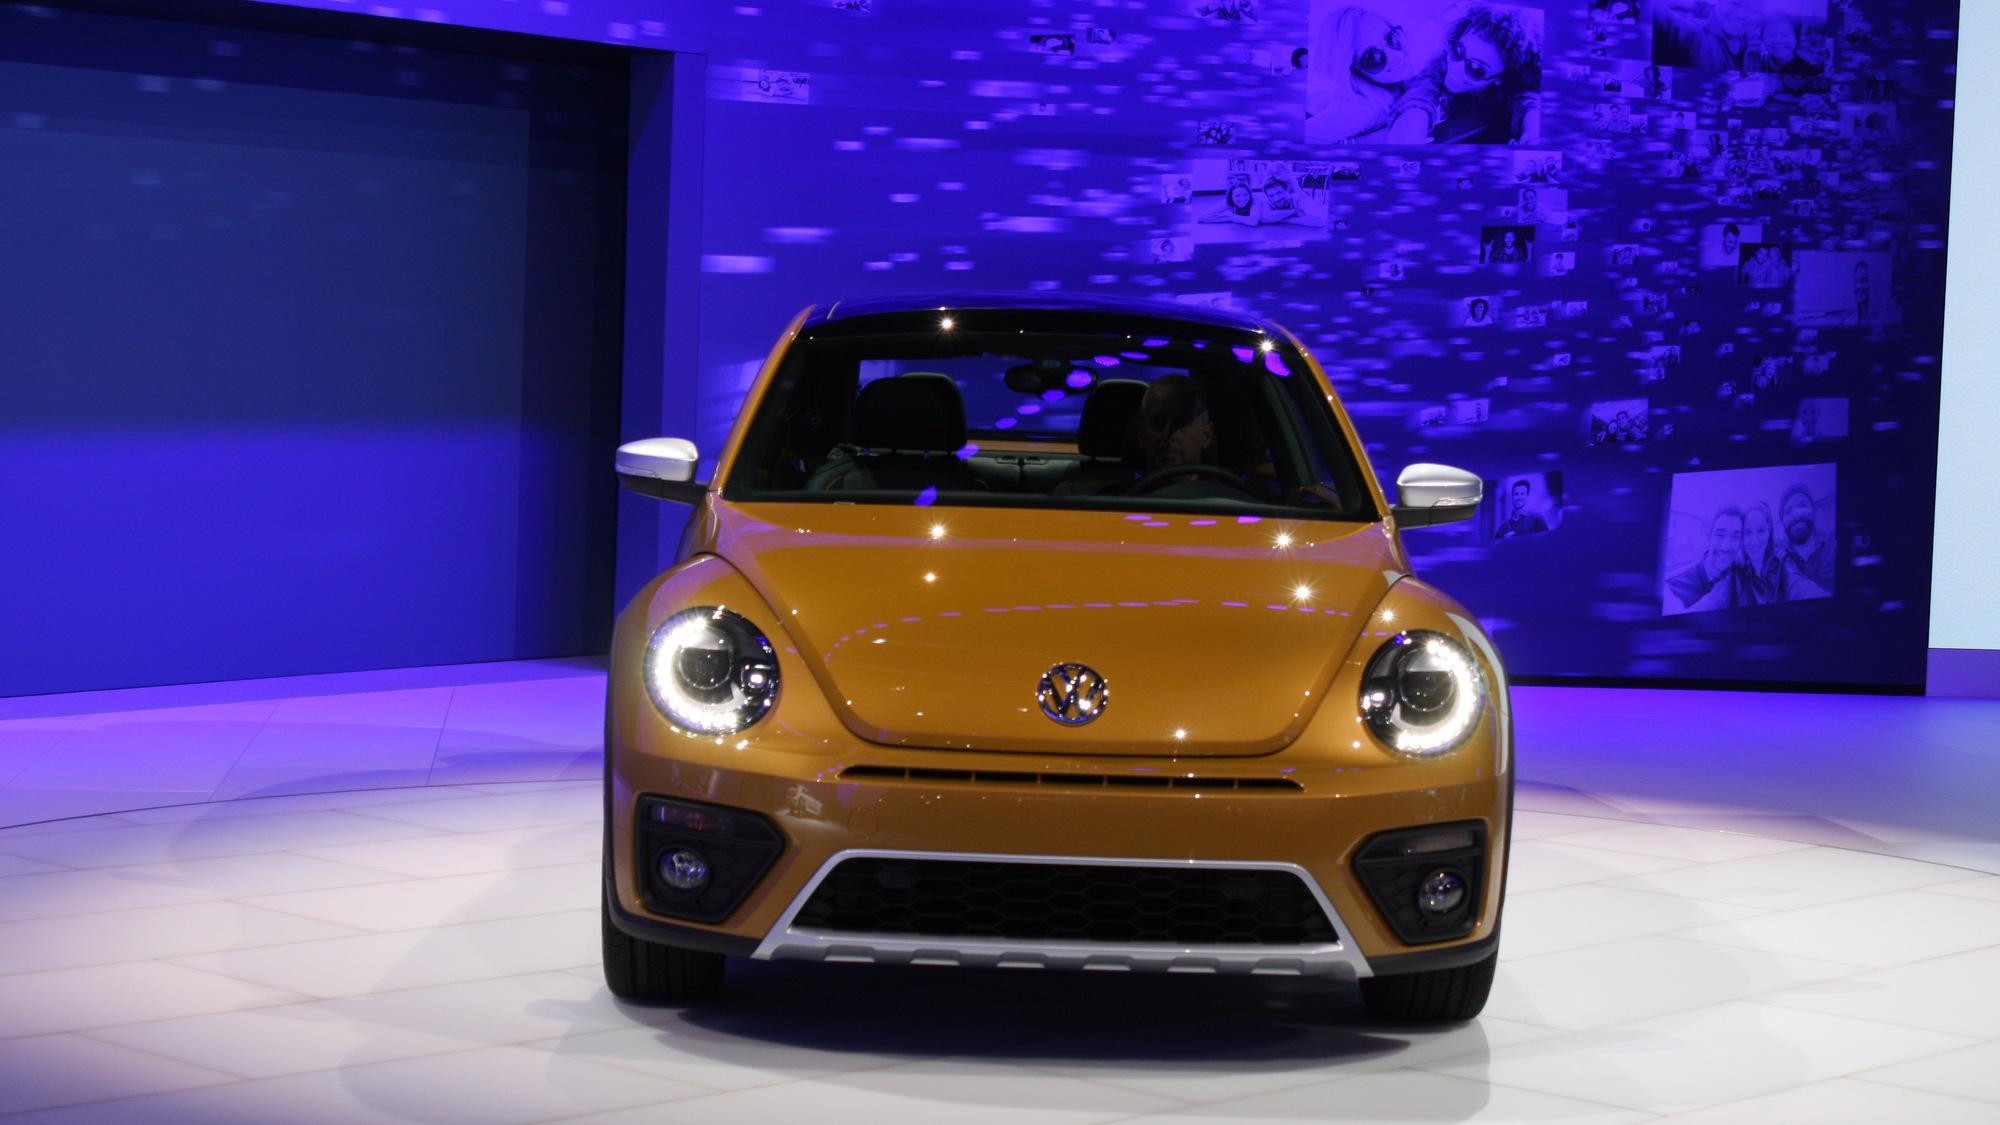 2016 Volkswagen Beetle Dune, 2015 Los Angeles Auto Show